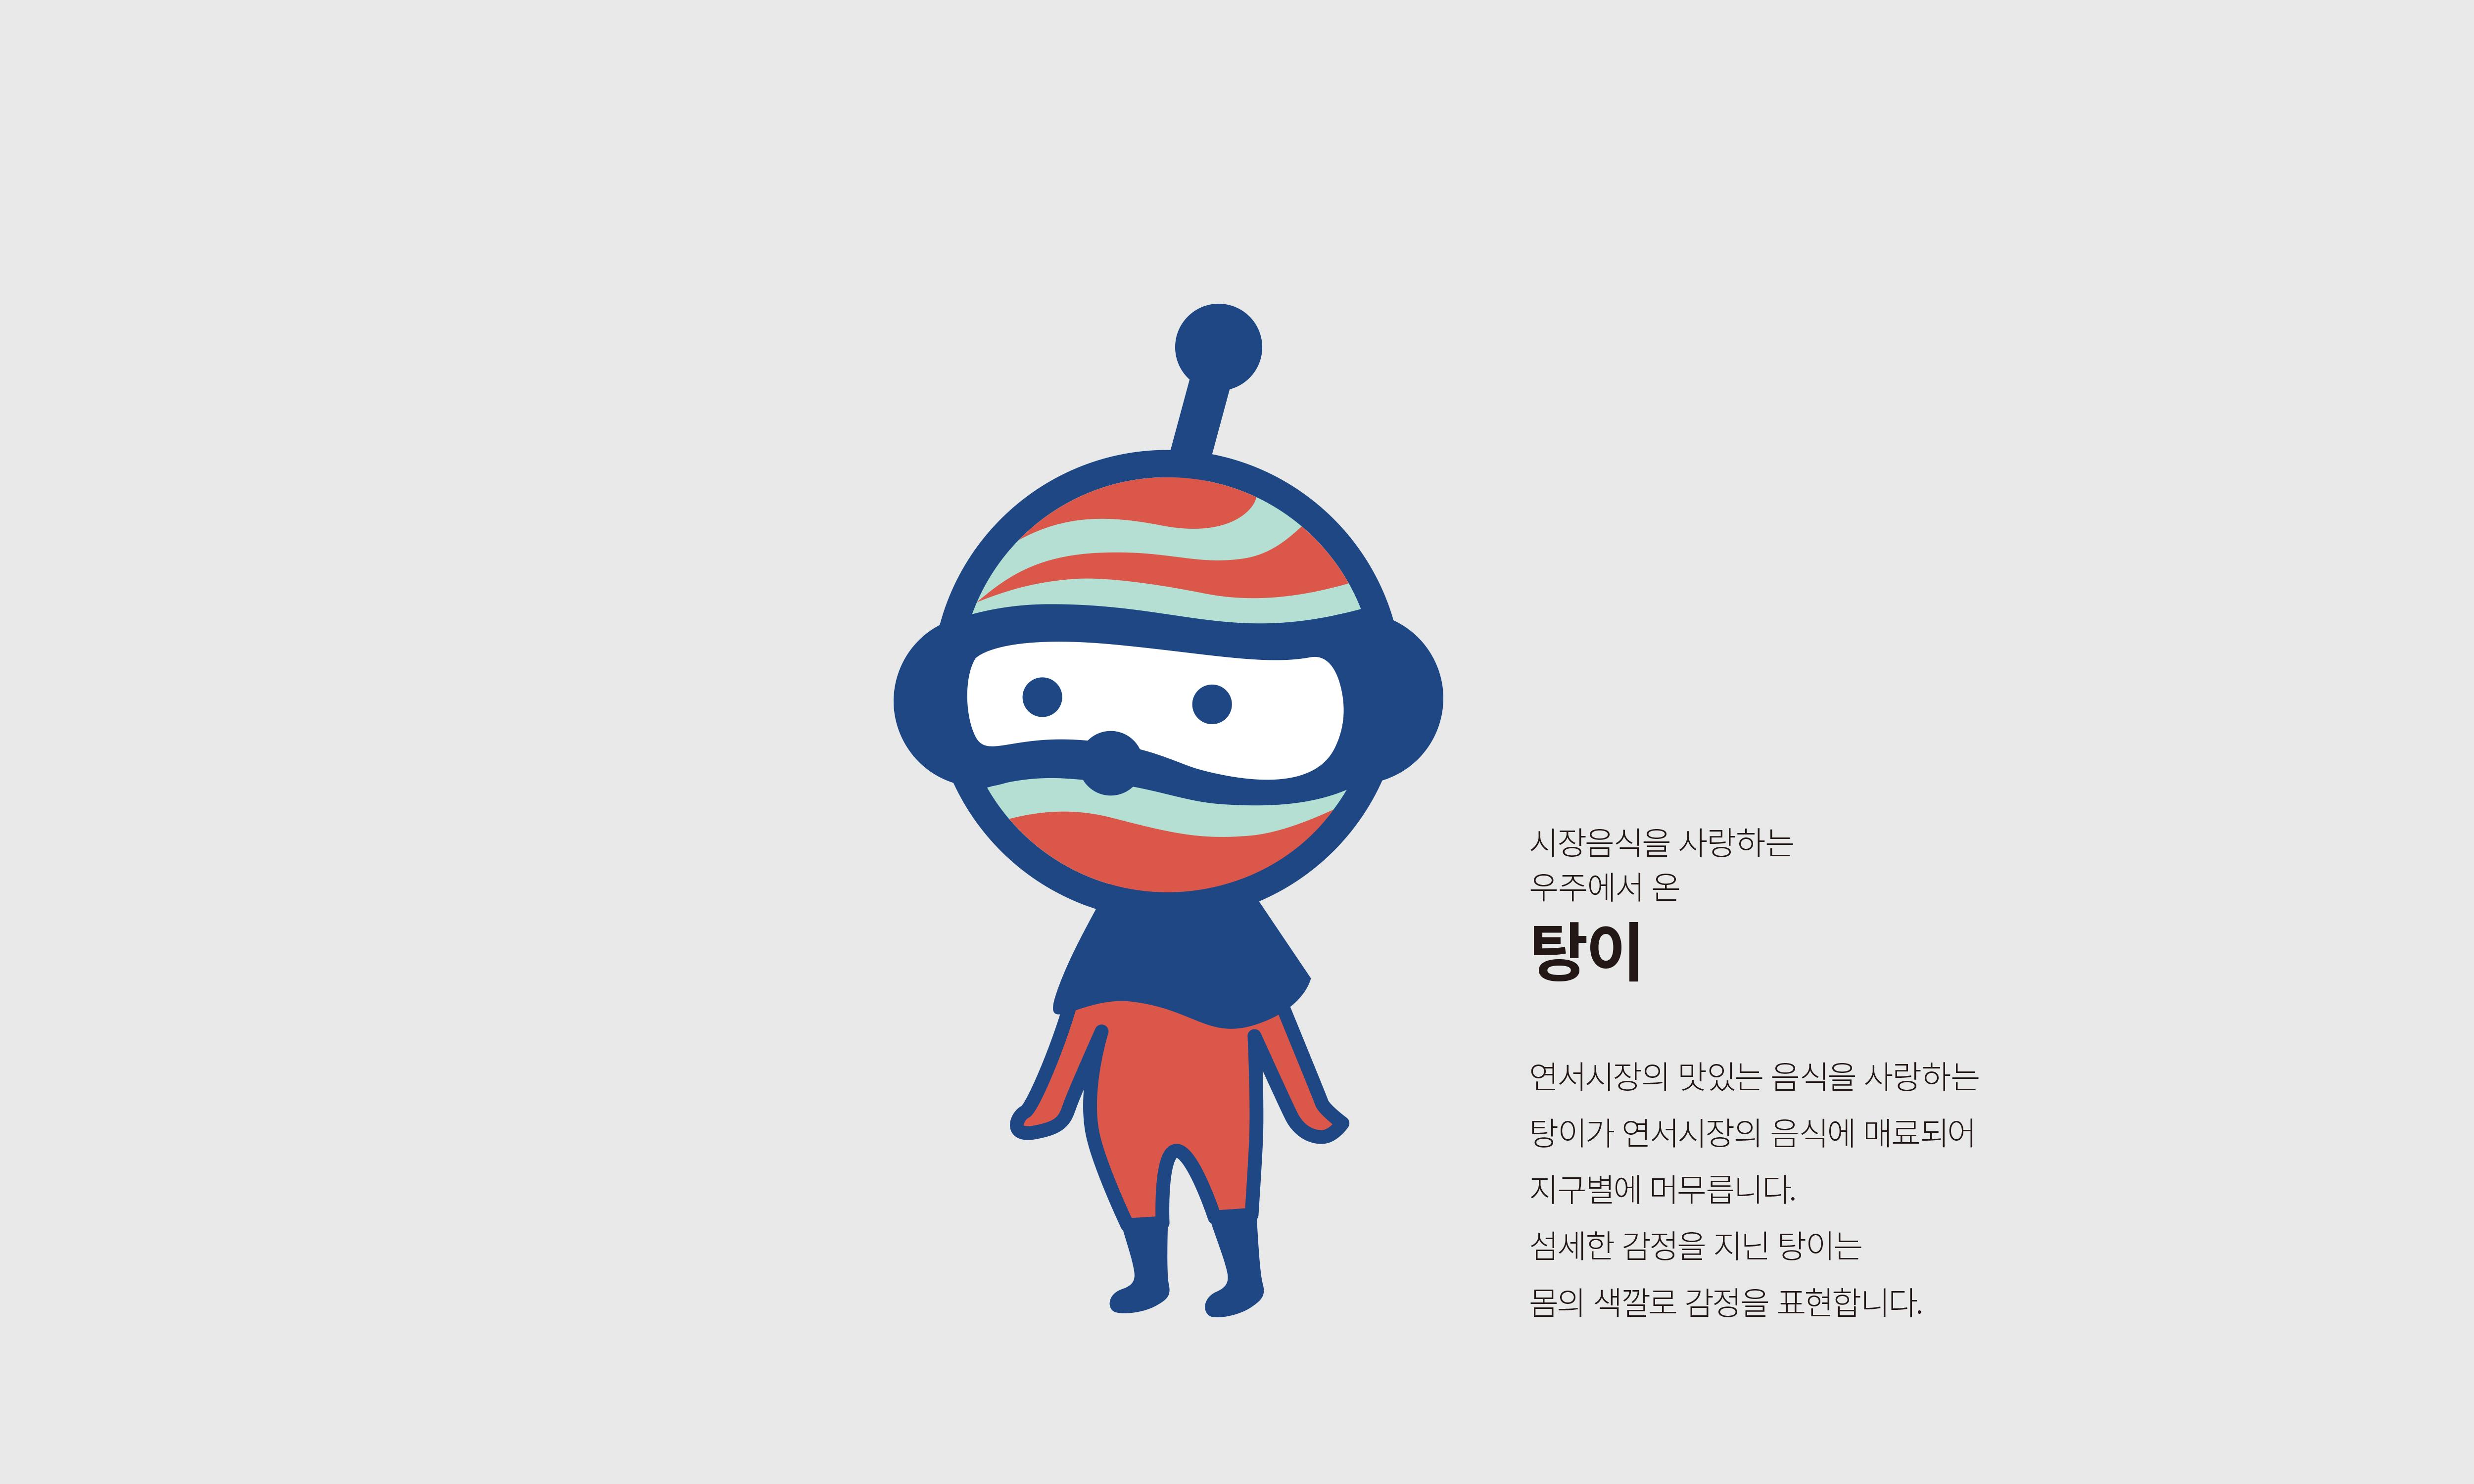 연서시장_목업04_캐릭터